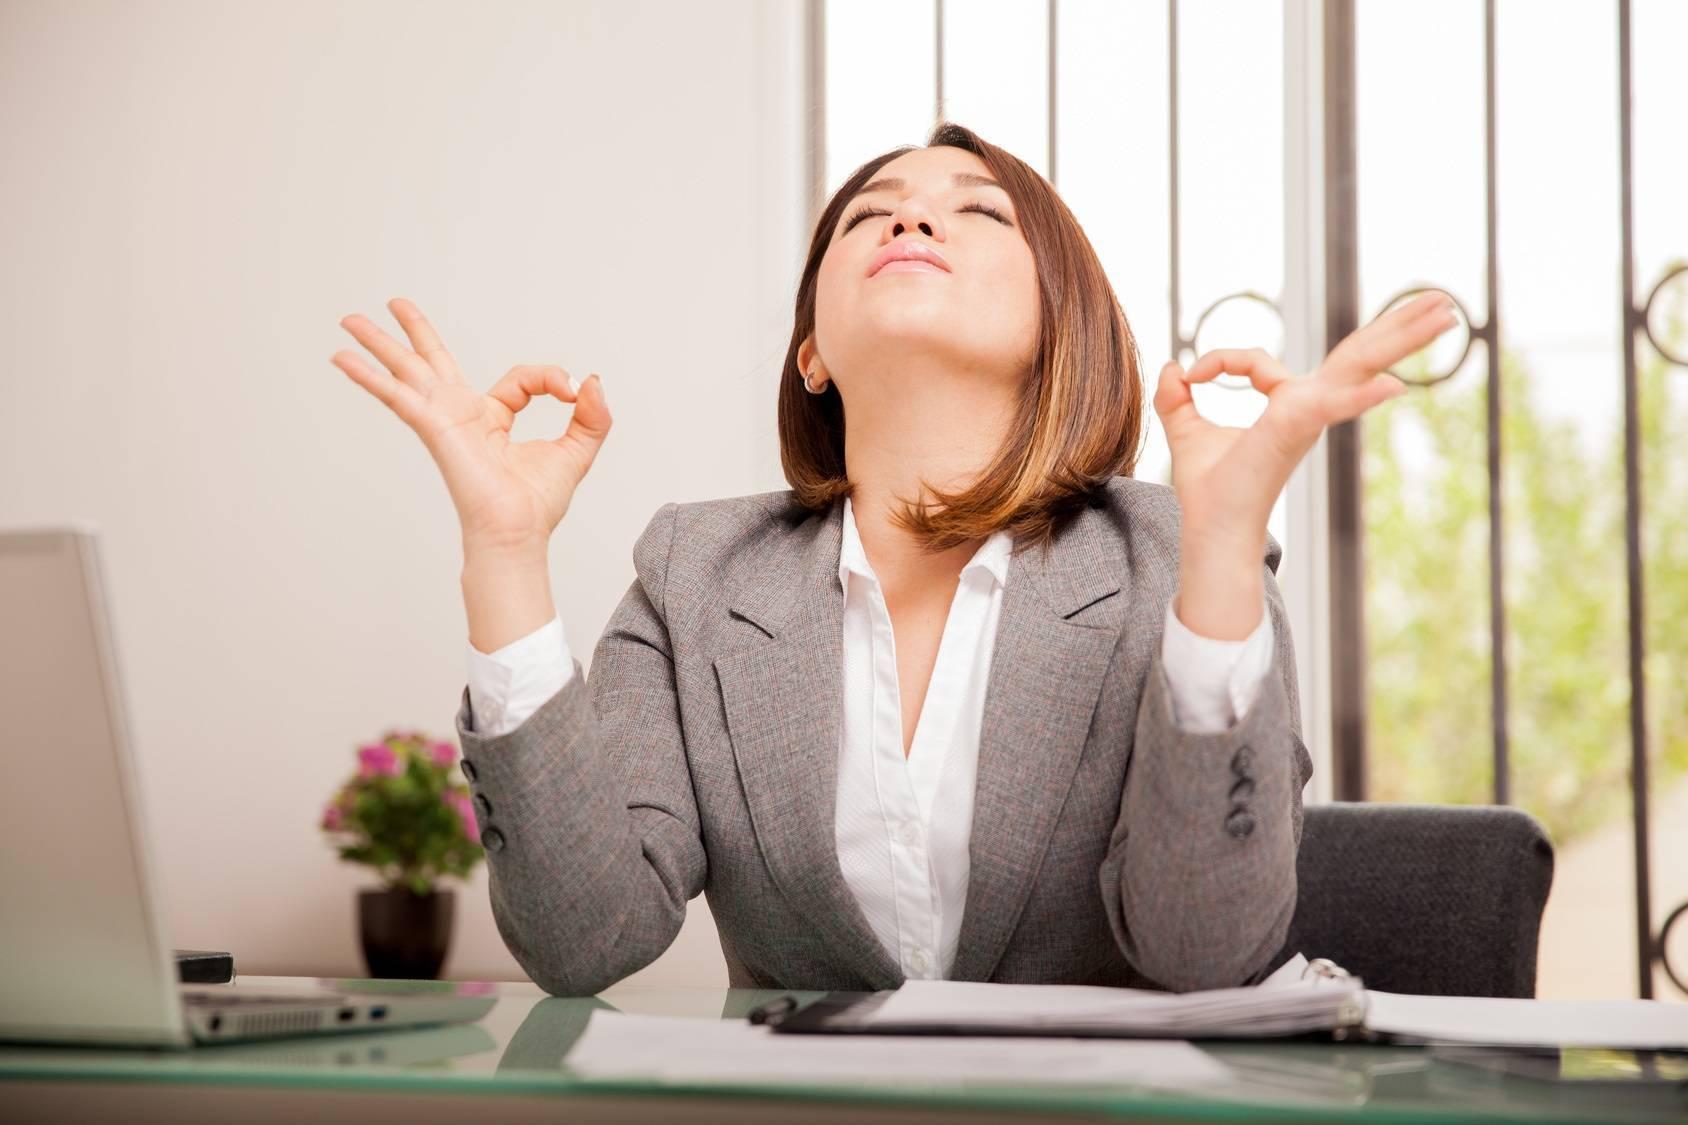 Как не впасть в депрессию при поиске работы, если процесс затянулся?